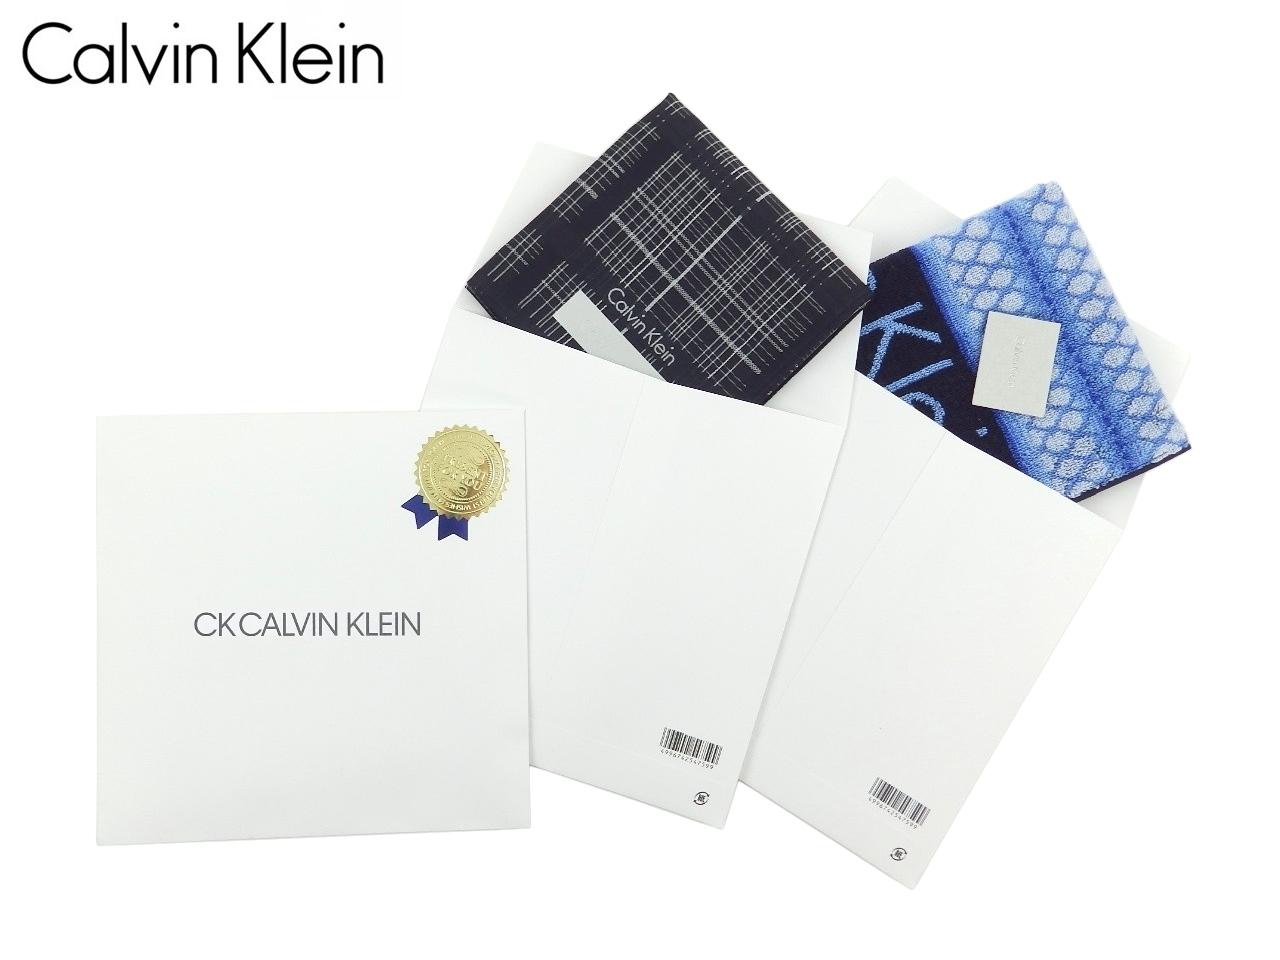 ご要望の多かった専用パッケージをご用意いたしました 数に限りがございますので売り切れの際はご容赦ください 激安通販専門店 カルバンクライン Calvin 単品ハンカチ同時購入限定 Klein専用パッケージ CK000 返品不可